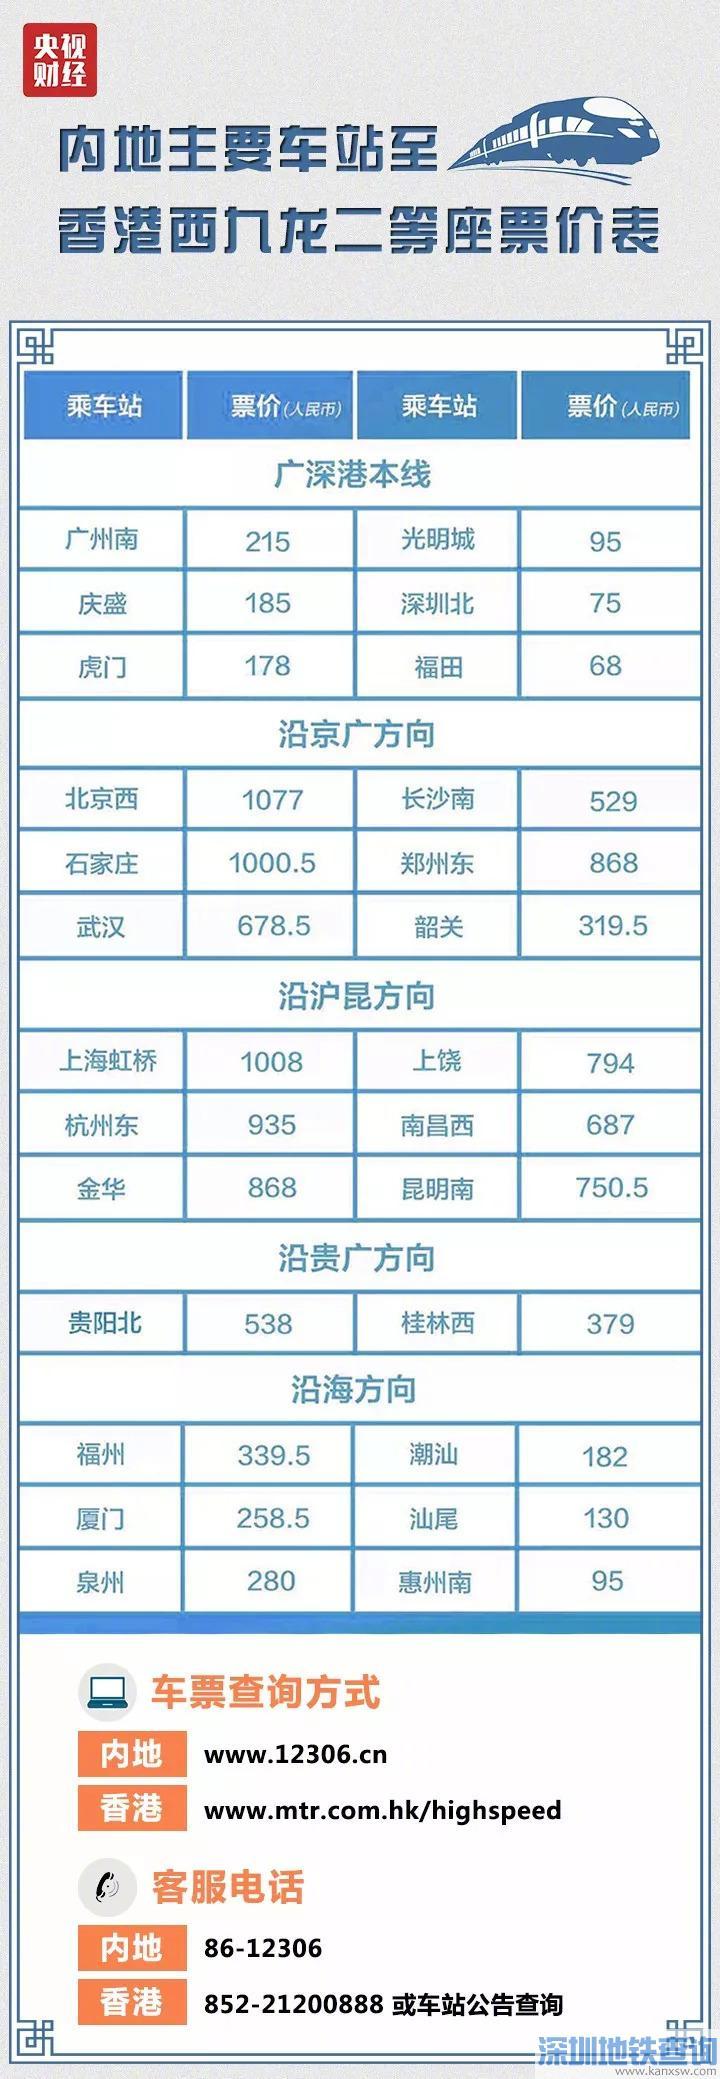 高铁票价查询_广深港高铁如何买票?12306网上订票网址及预售期时间一览 - 地铁 ...